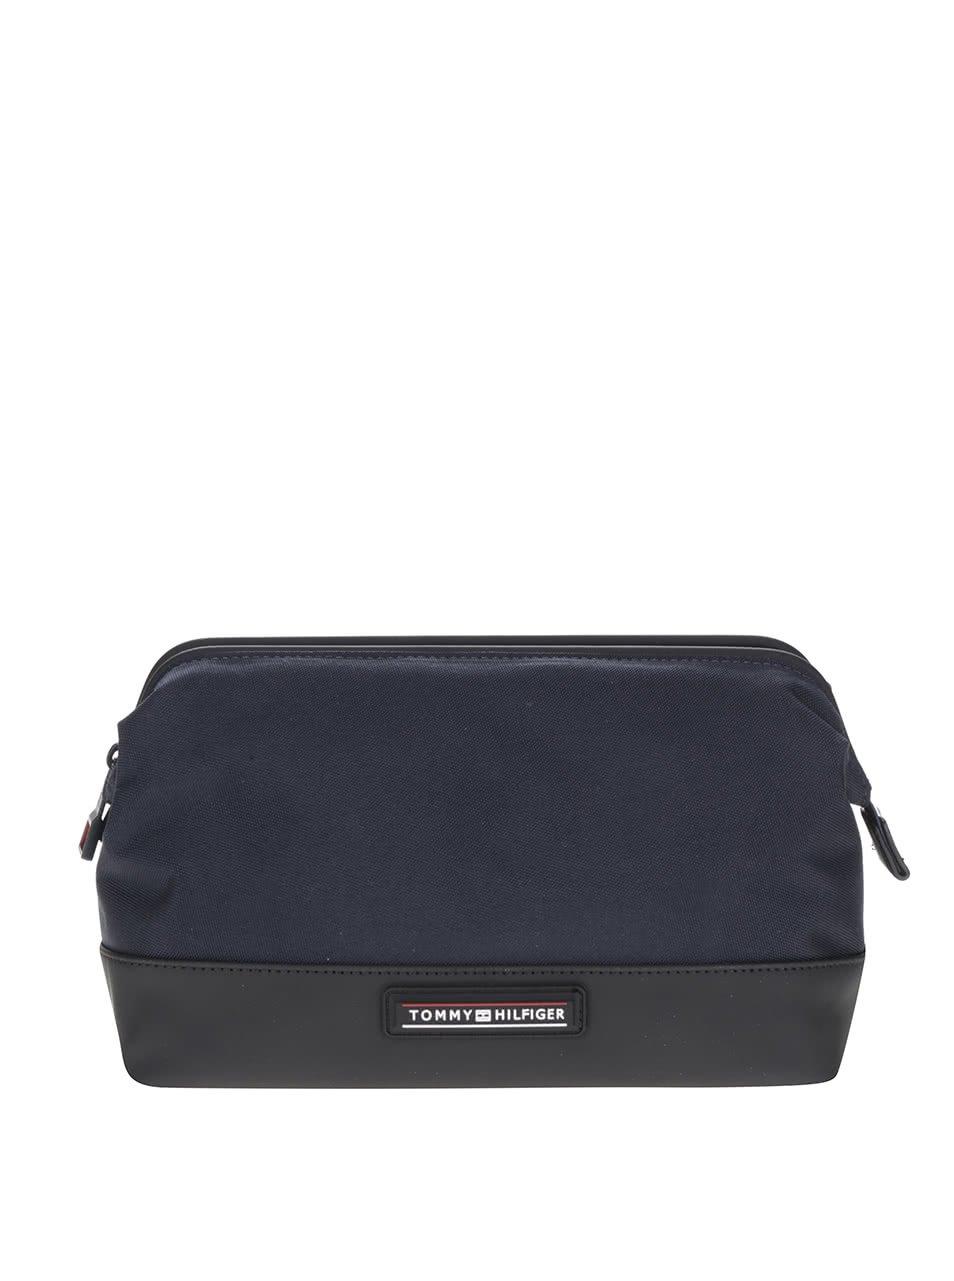 Modro-černá pánská kosmetická taška Tommy Hilfiger